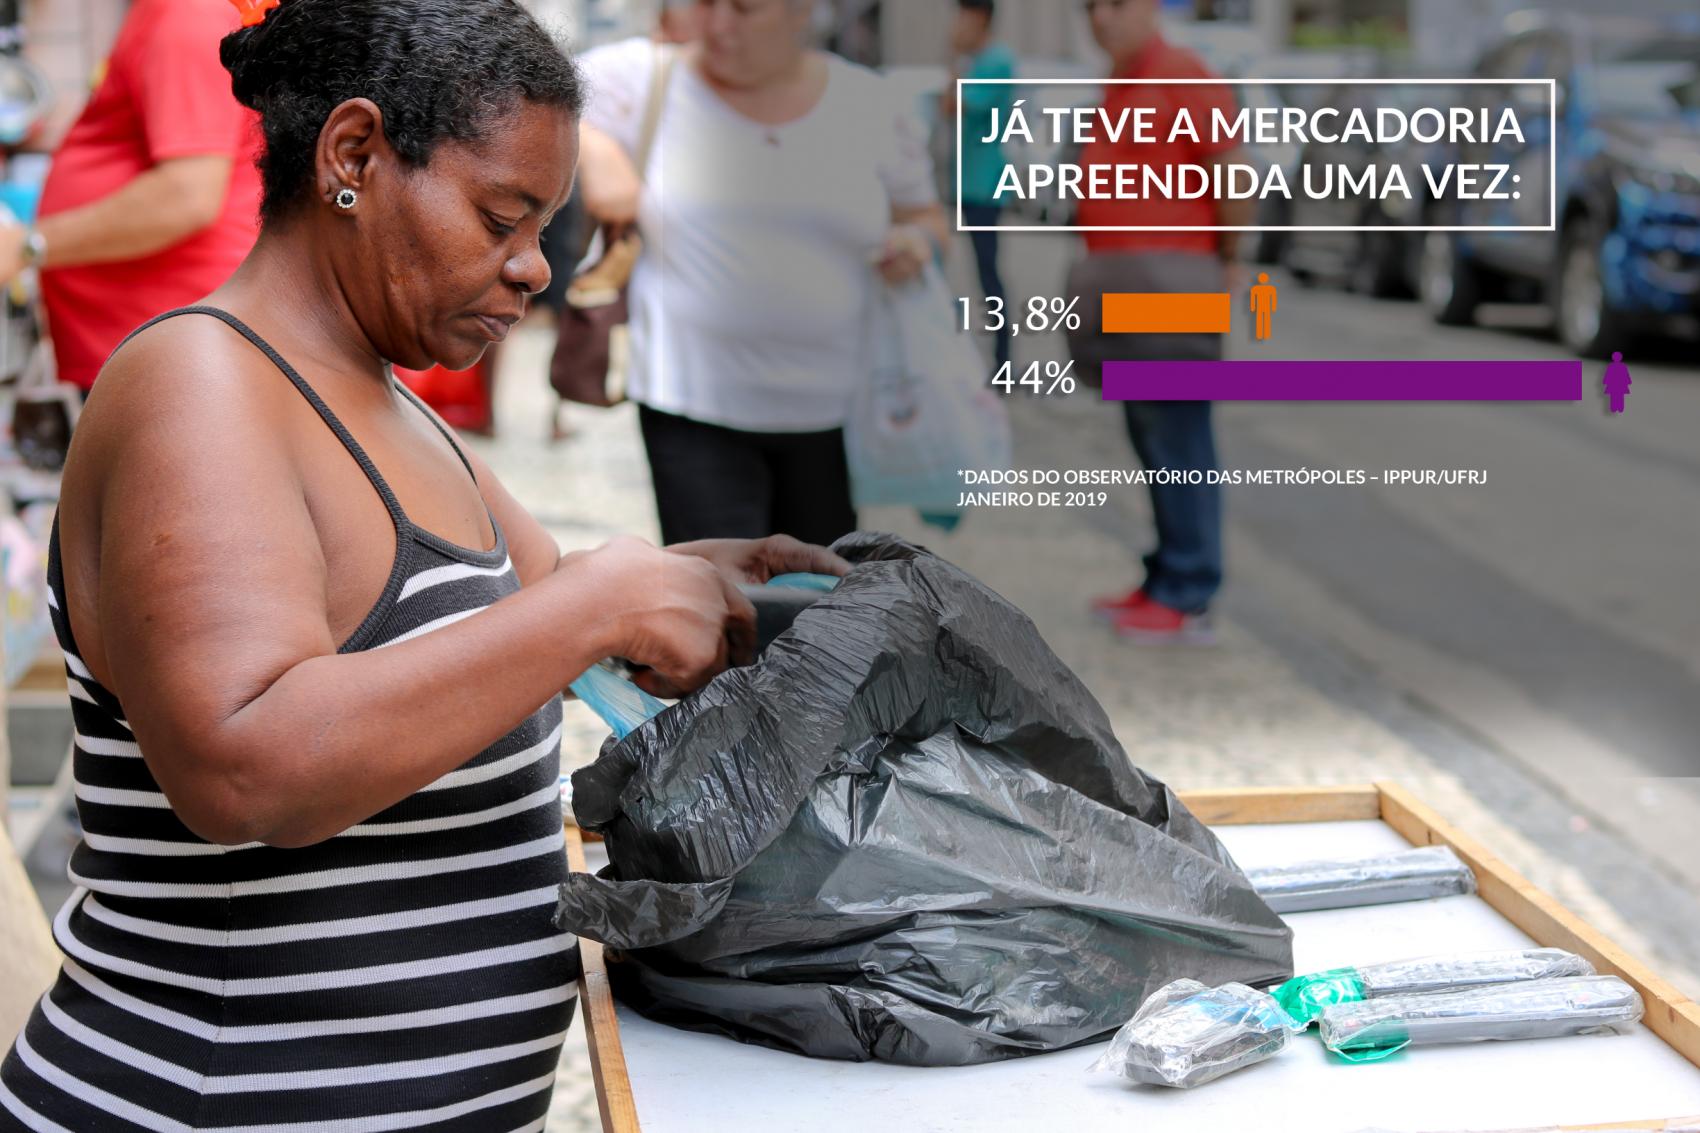 Nilma da Conceição, ambulante desde os 19 anos, conta que as mulheres são alvos principais de guardas e policiais (Foto/Arte: Lethicia Amâncio)